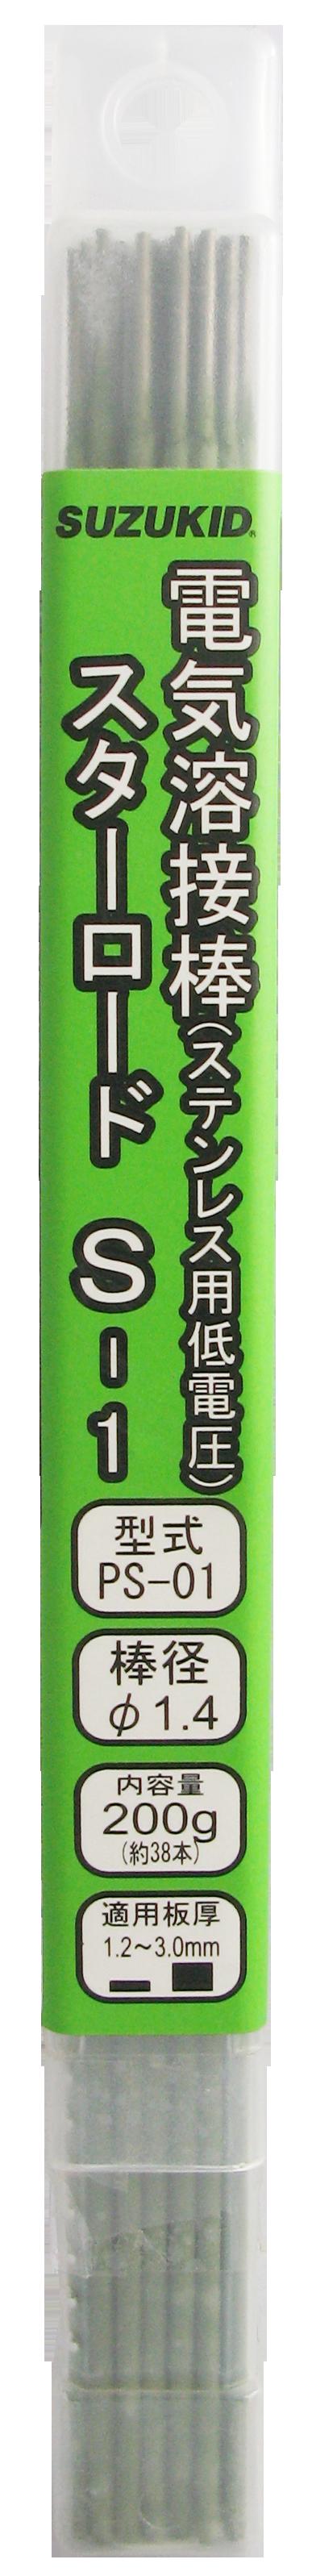 ステンレス用被覆アーク溶接棒 S-1